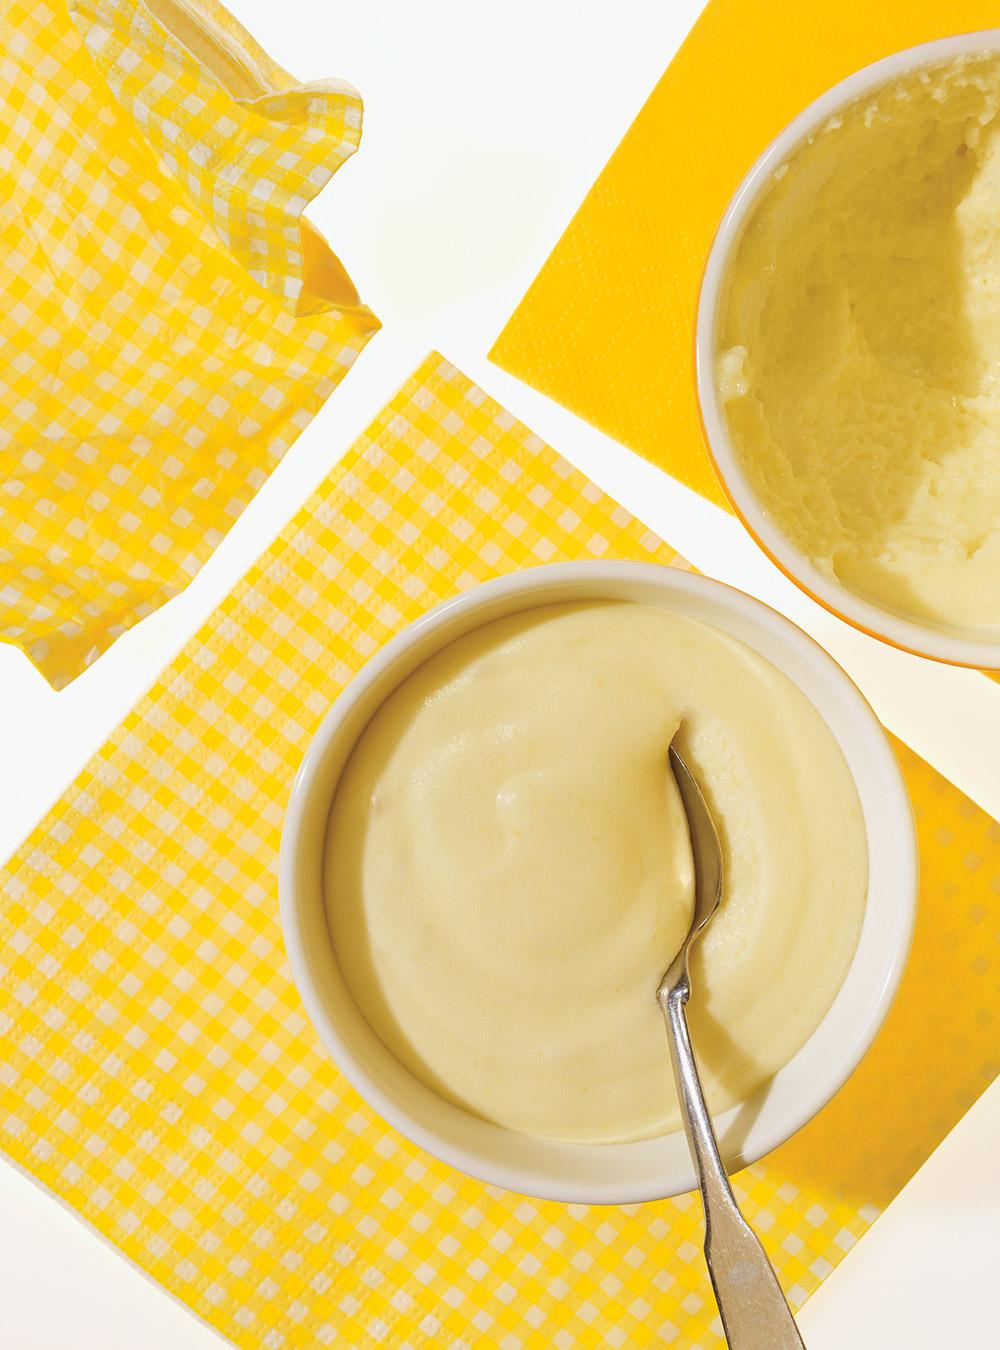 Mousse au citron | ricardo